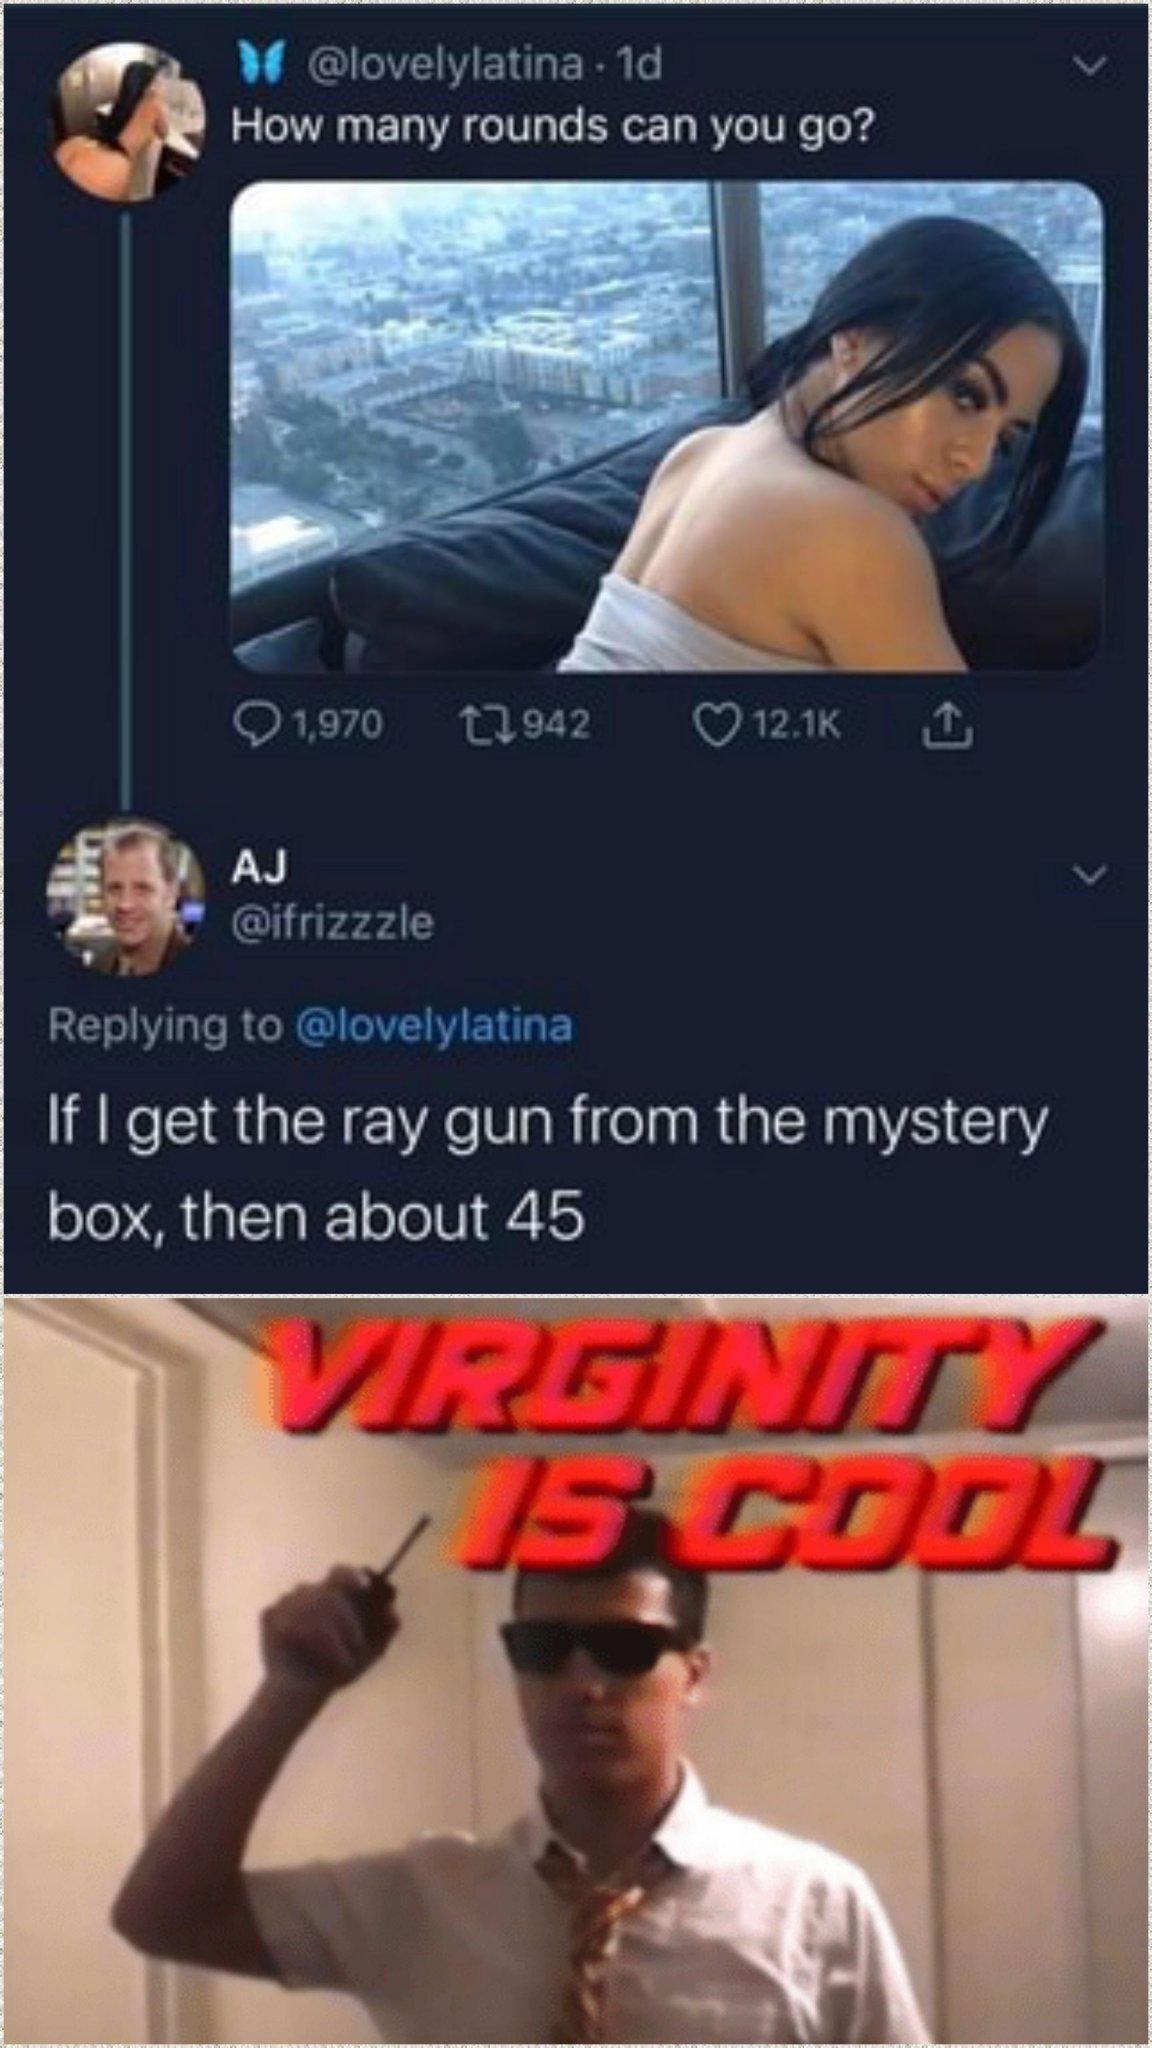 Title is good - meme